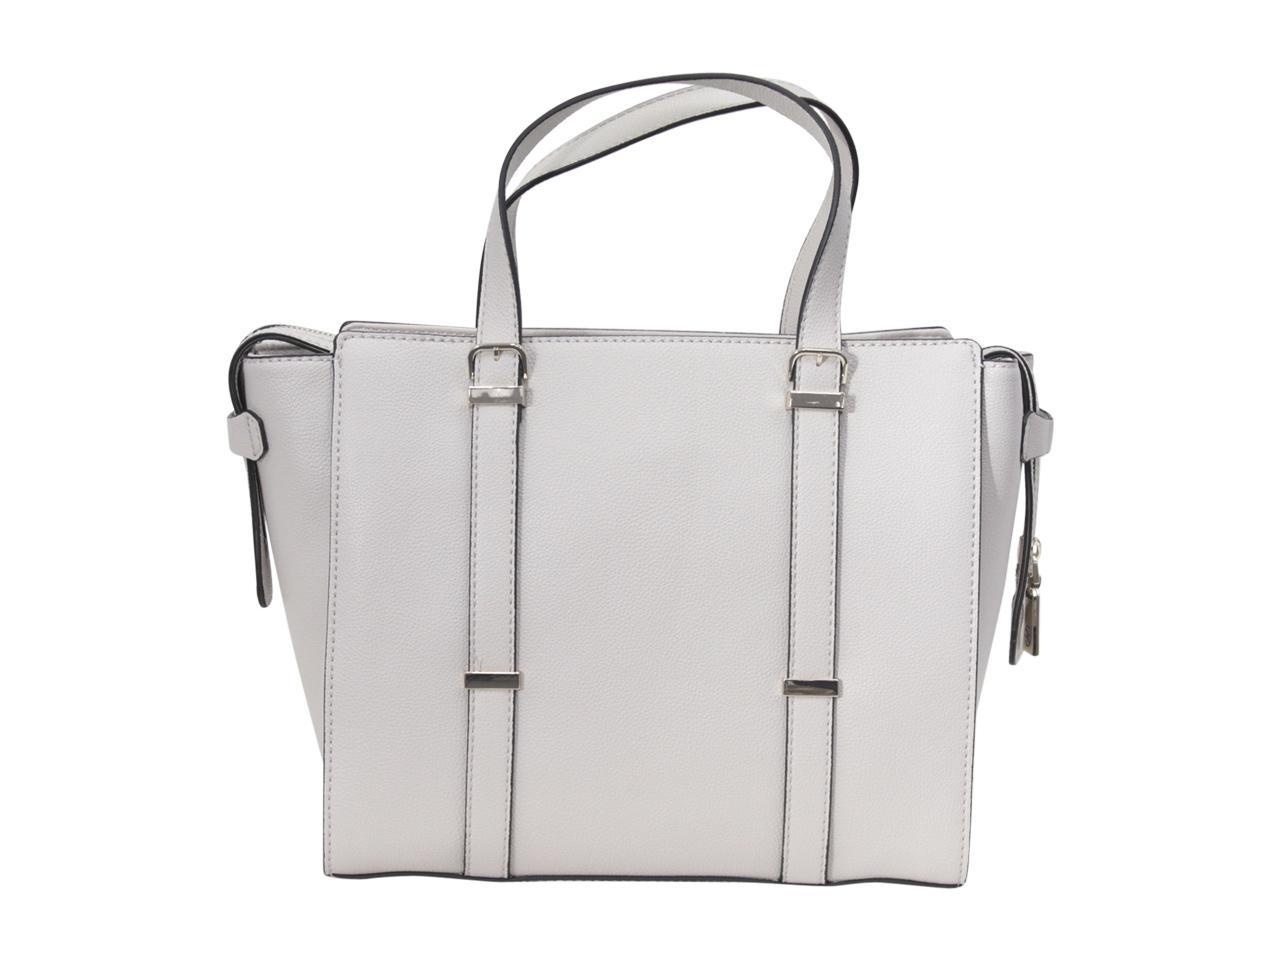 Guess Women's Eileen Studded Satchel Handbag